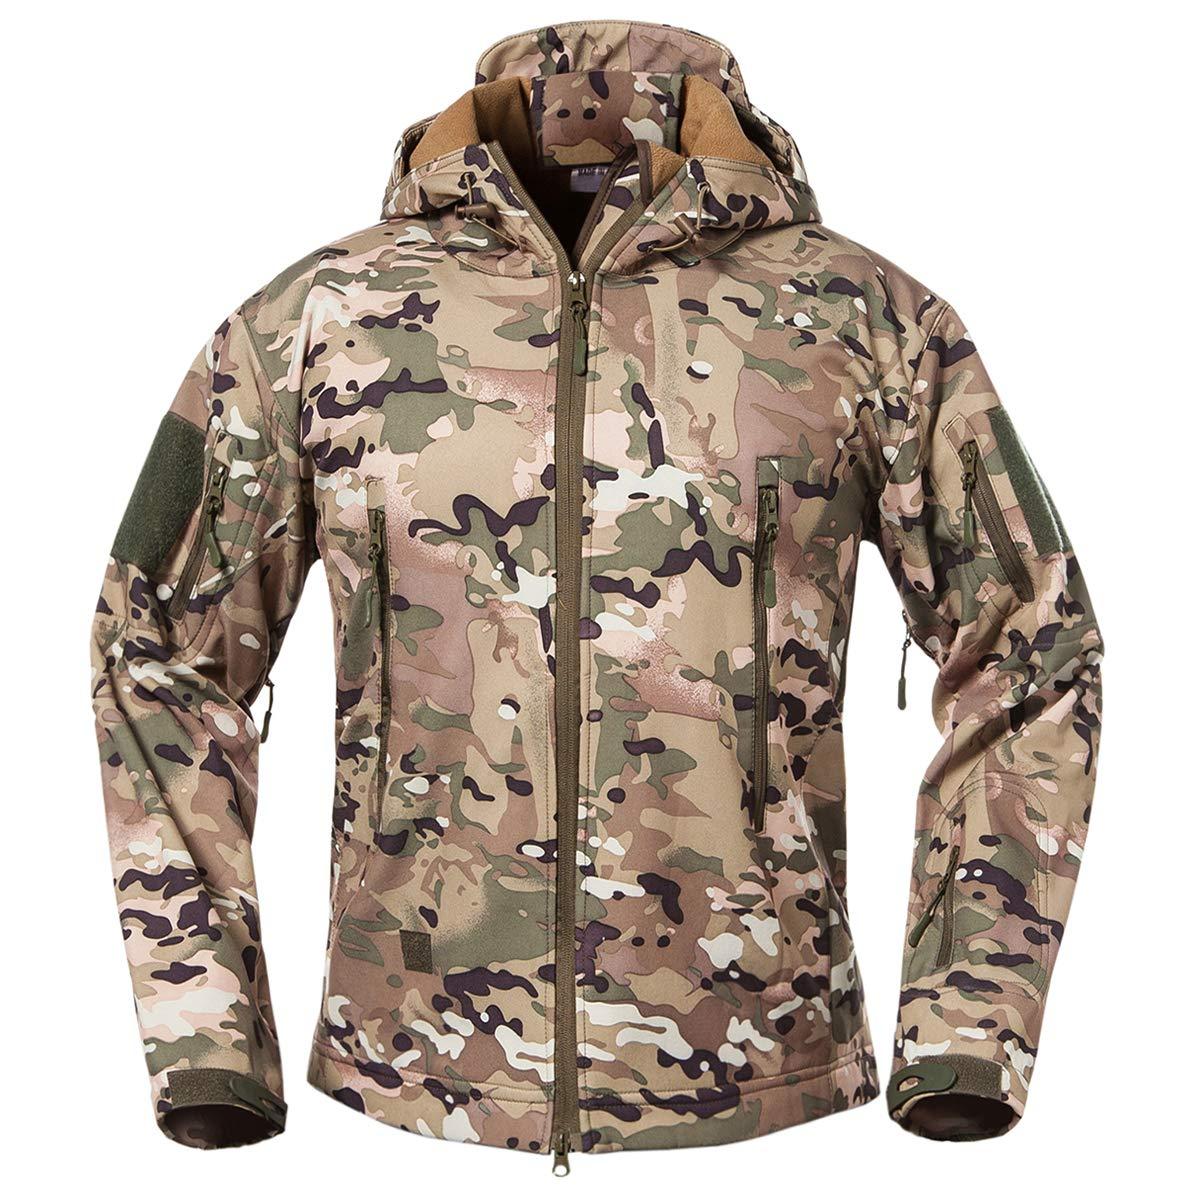 ویکالا · خرید  اصل اورجینال · خرید از آمازون · ReFire Gear Men's Soft Shell Military Tactical Jacket Outdoor Camouflage Hunting Fleece Hooded Coat Cp Large wekala · ویکالا